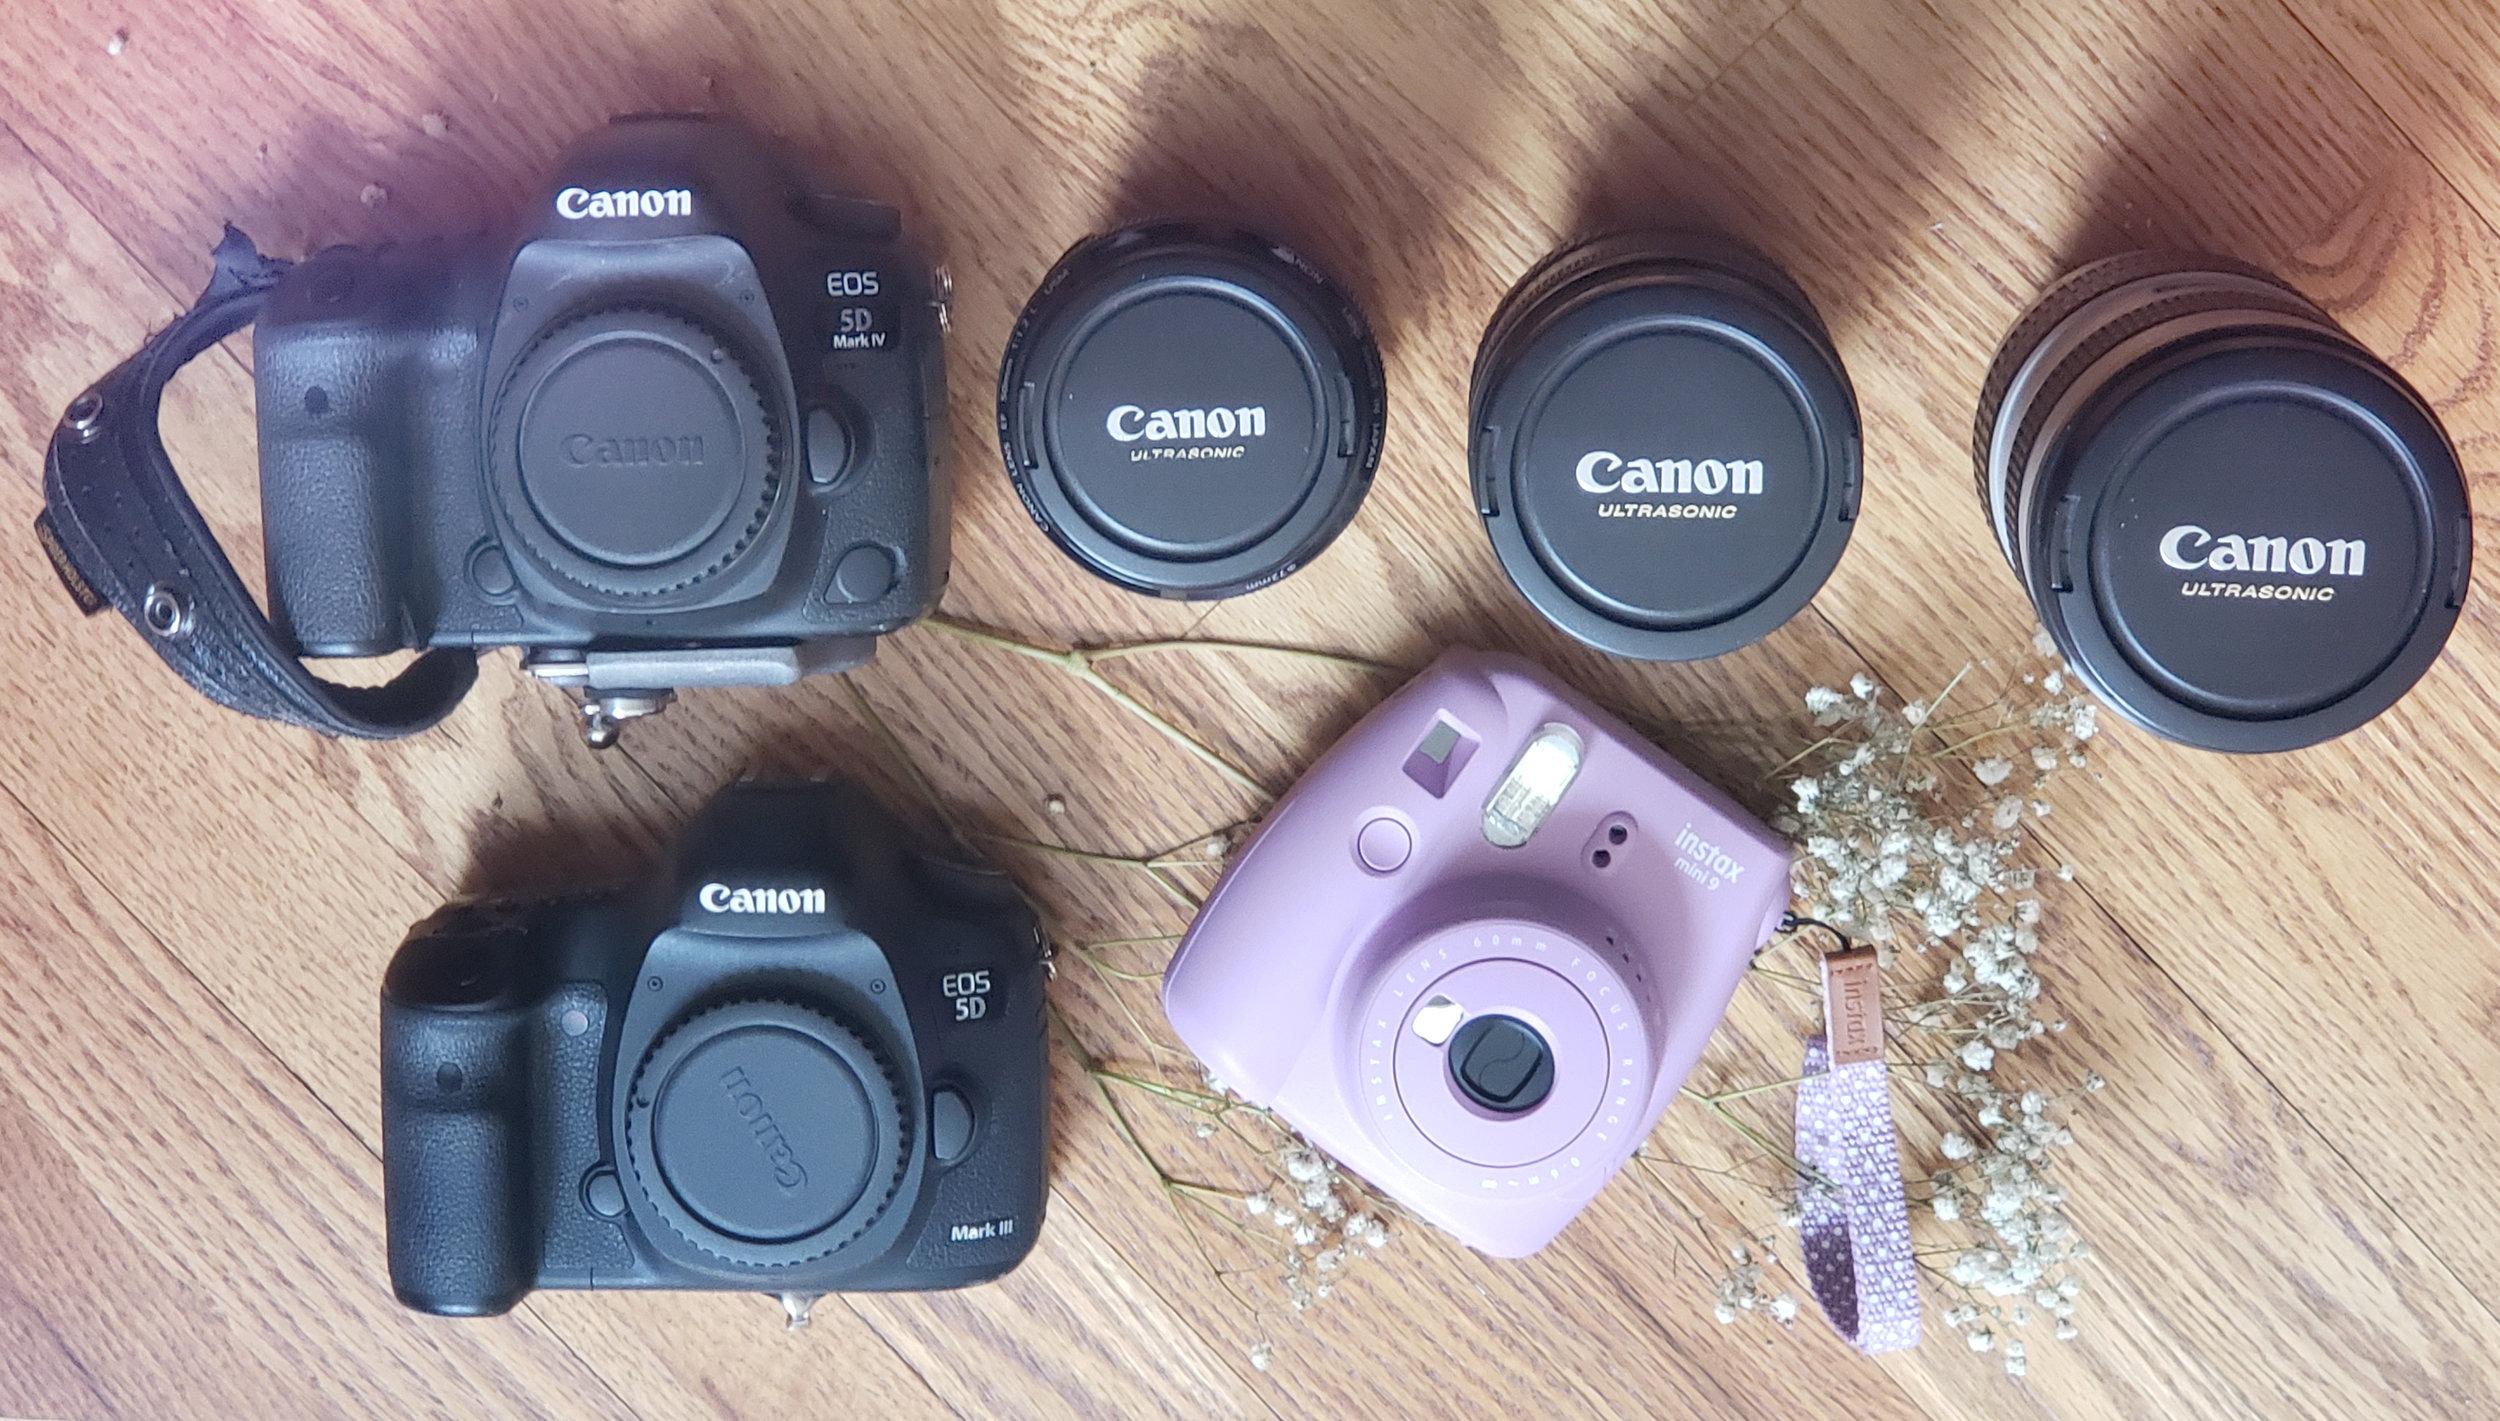 Cameraandlens.jpg